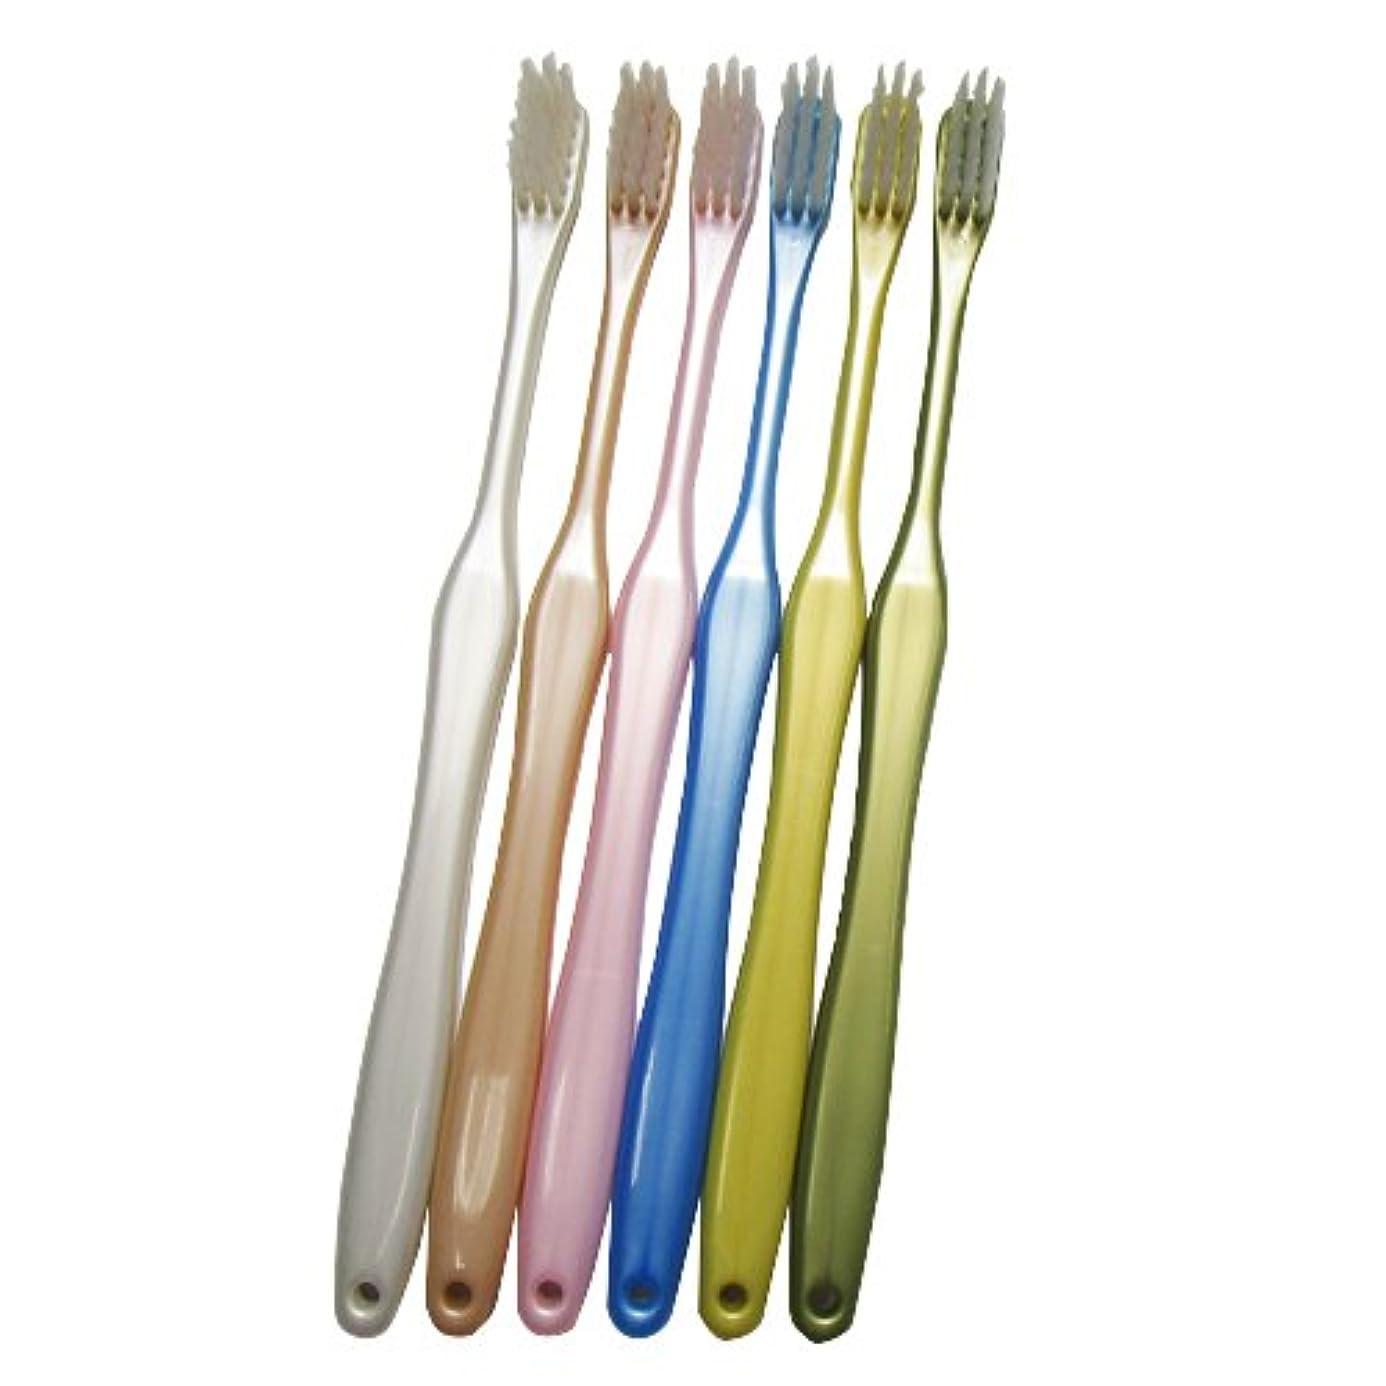 物理的なまもなく運命的な歯ブラシ職人 田辺重吉考案 磨きやすい歯ブラシ 先細 お試し1本セット(カラーはおまかせ)